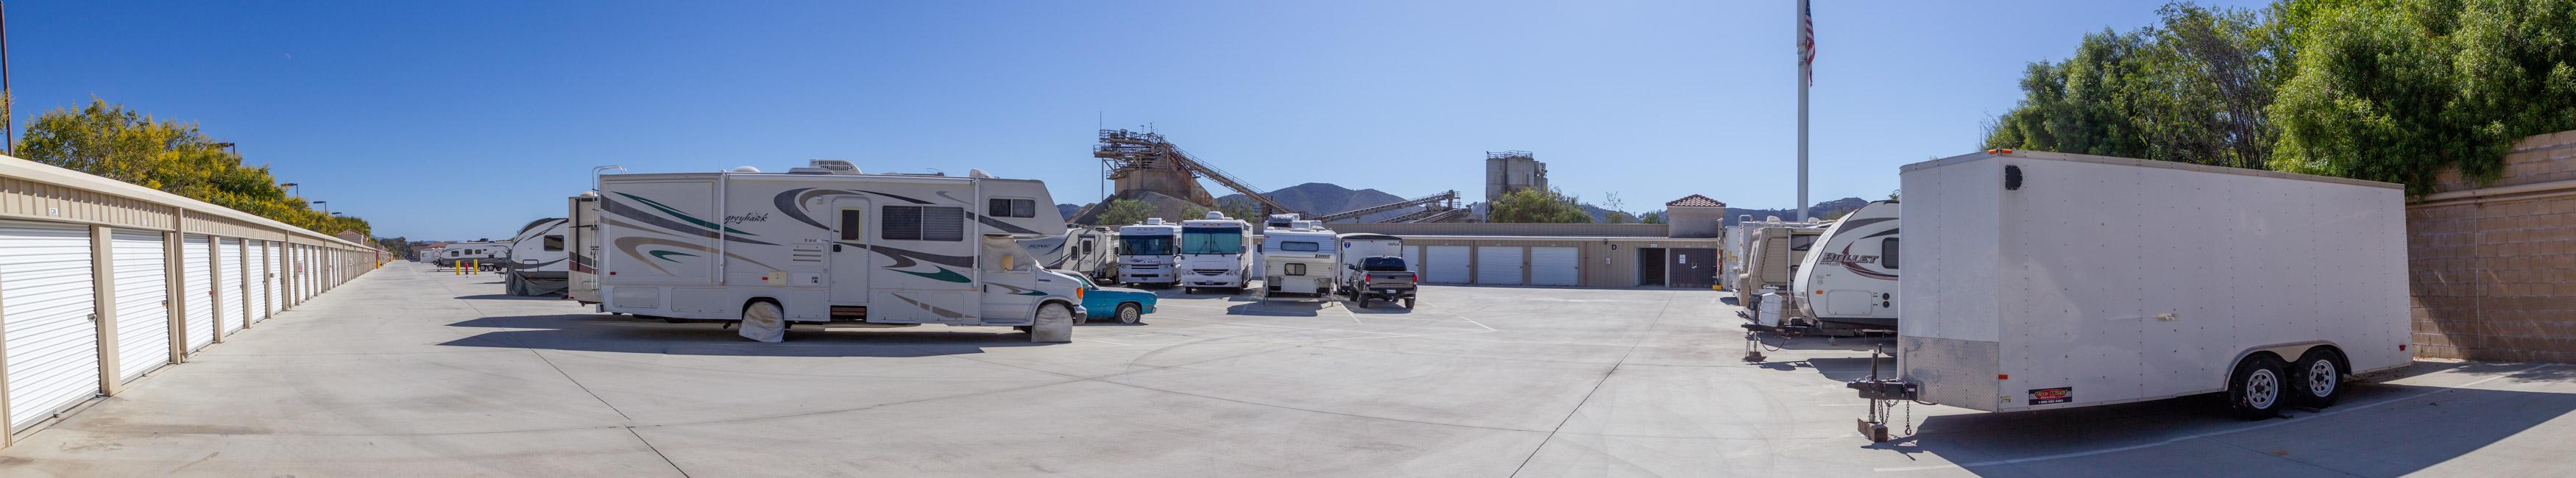 Vehicle Storage in Murrieta, CA